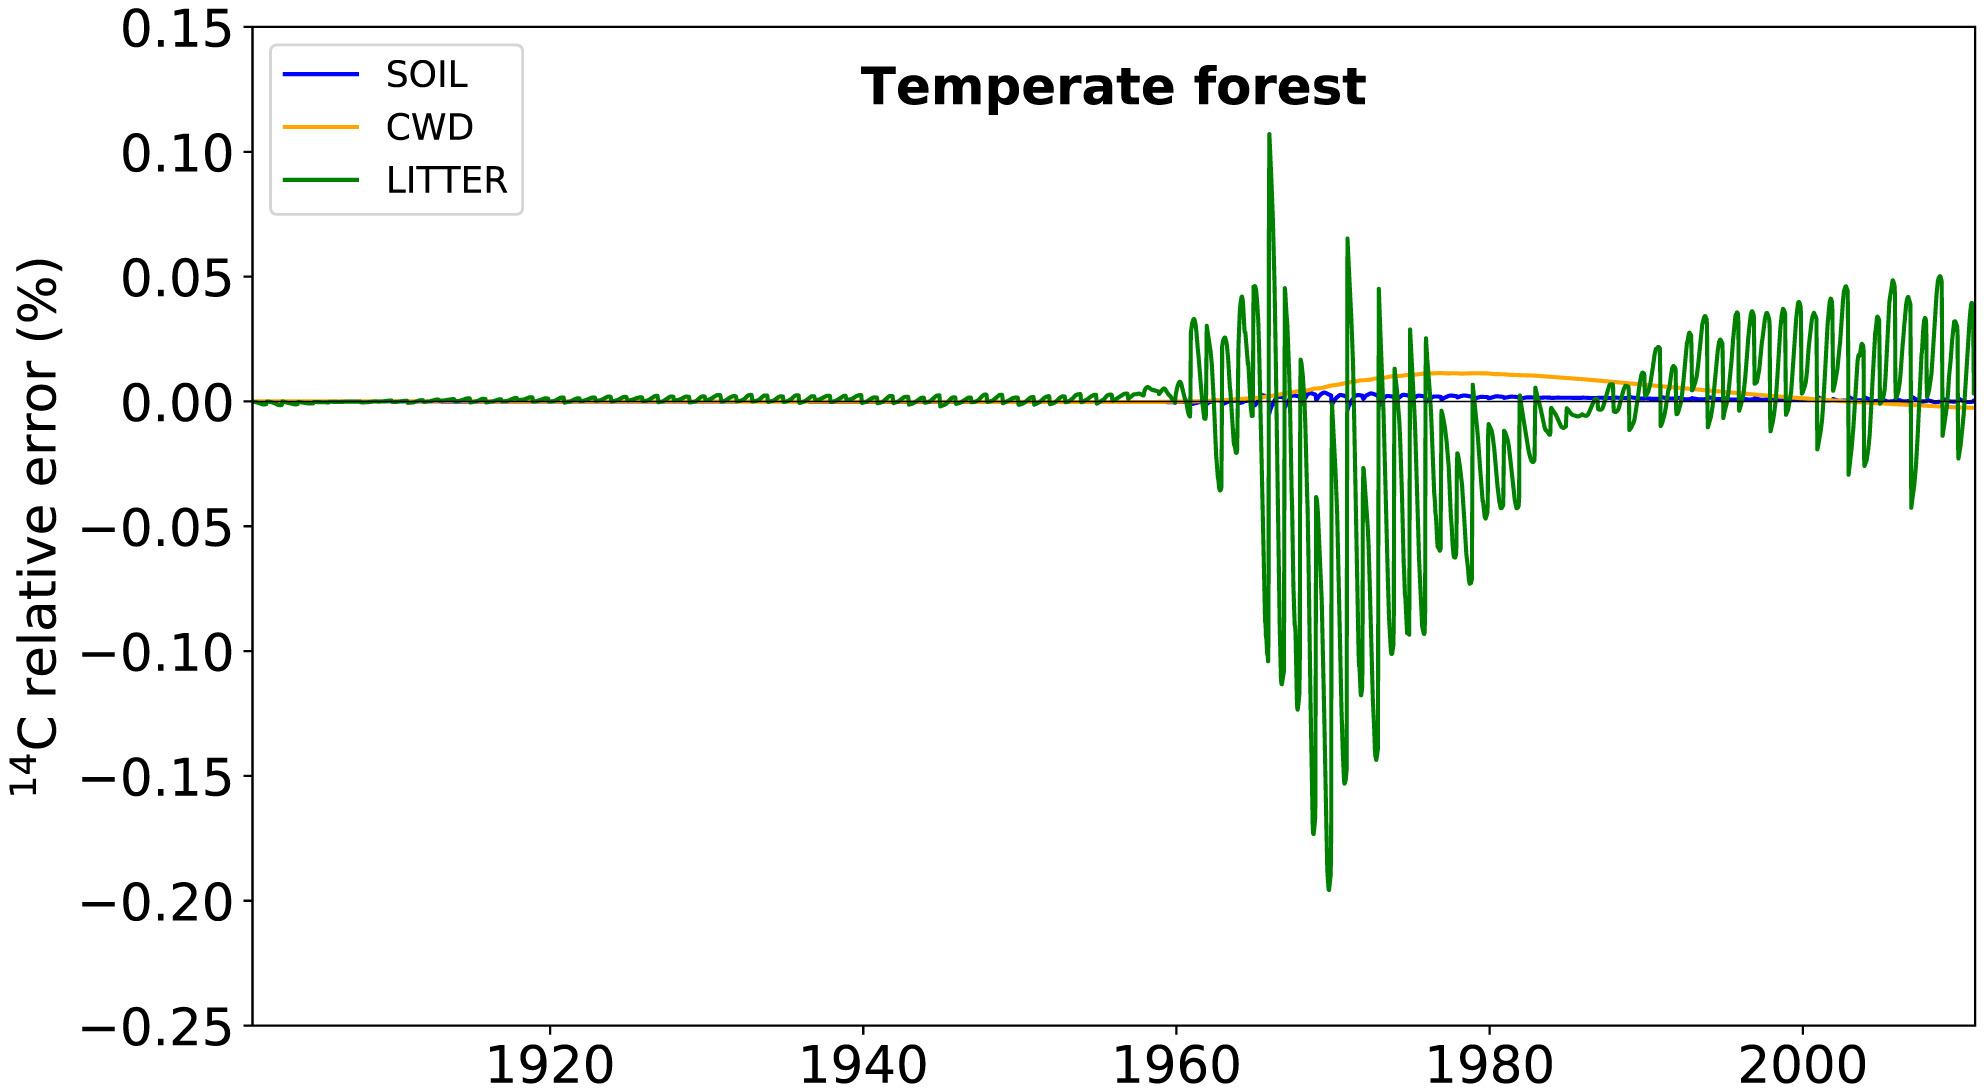 Relative error in radiocarbon values for coarse woody debris